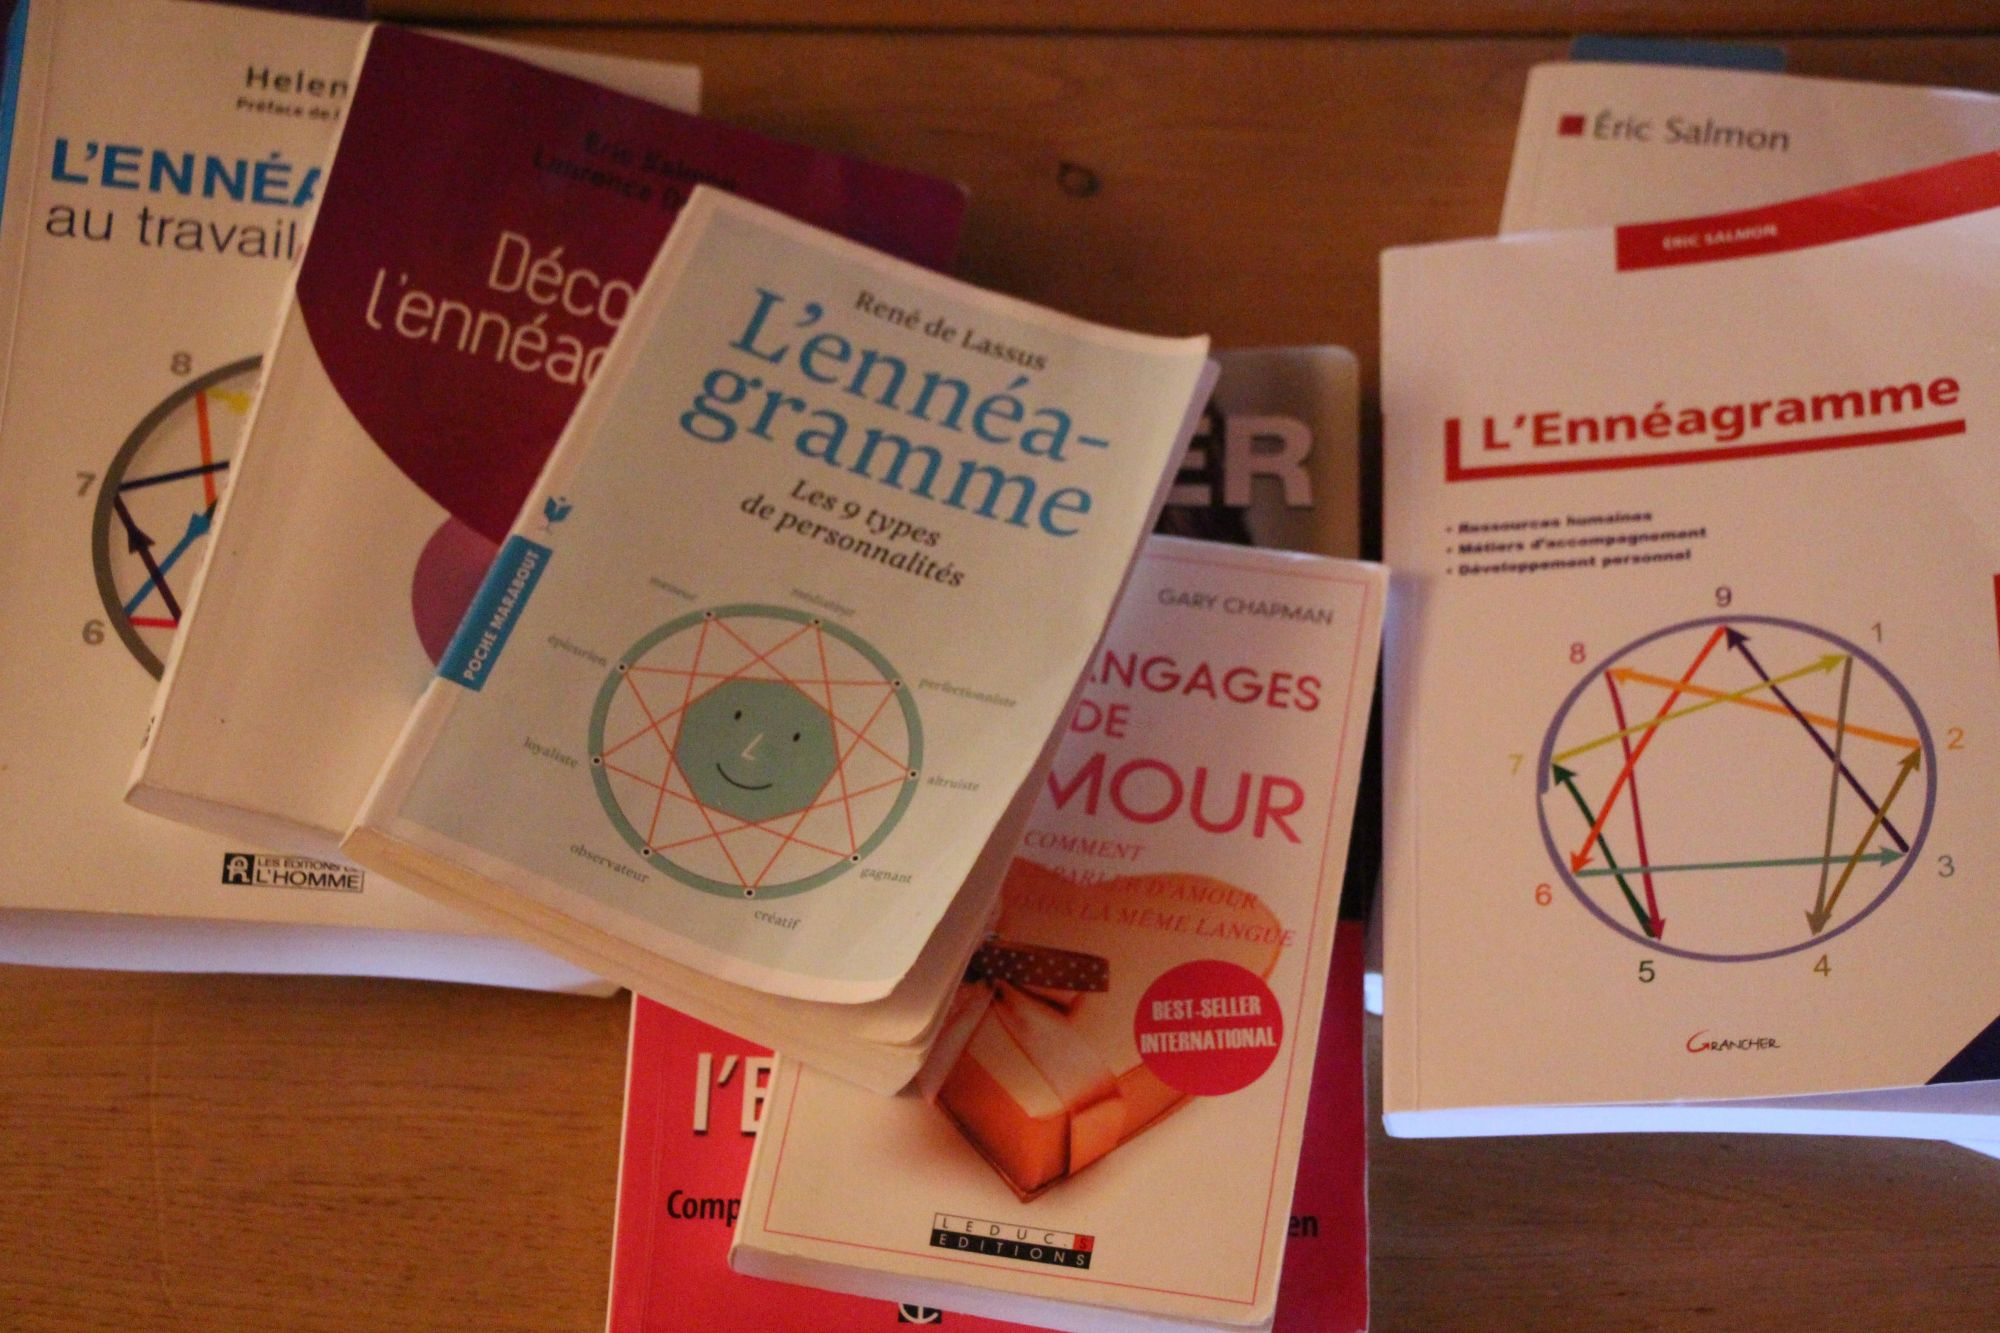 Livres de référence Ennéagramme